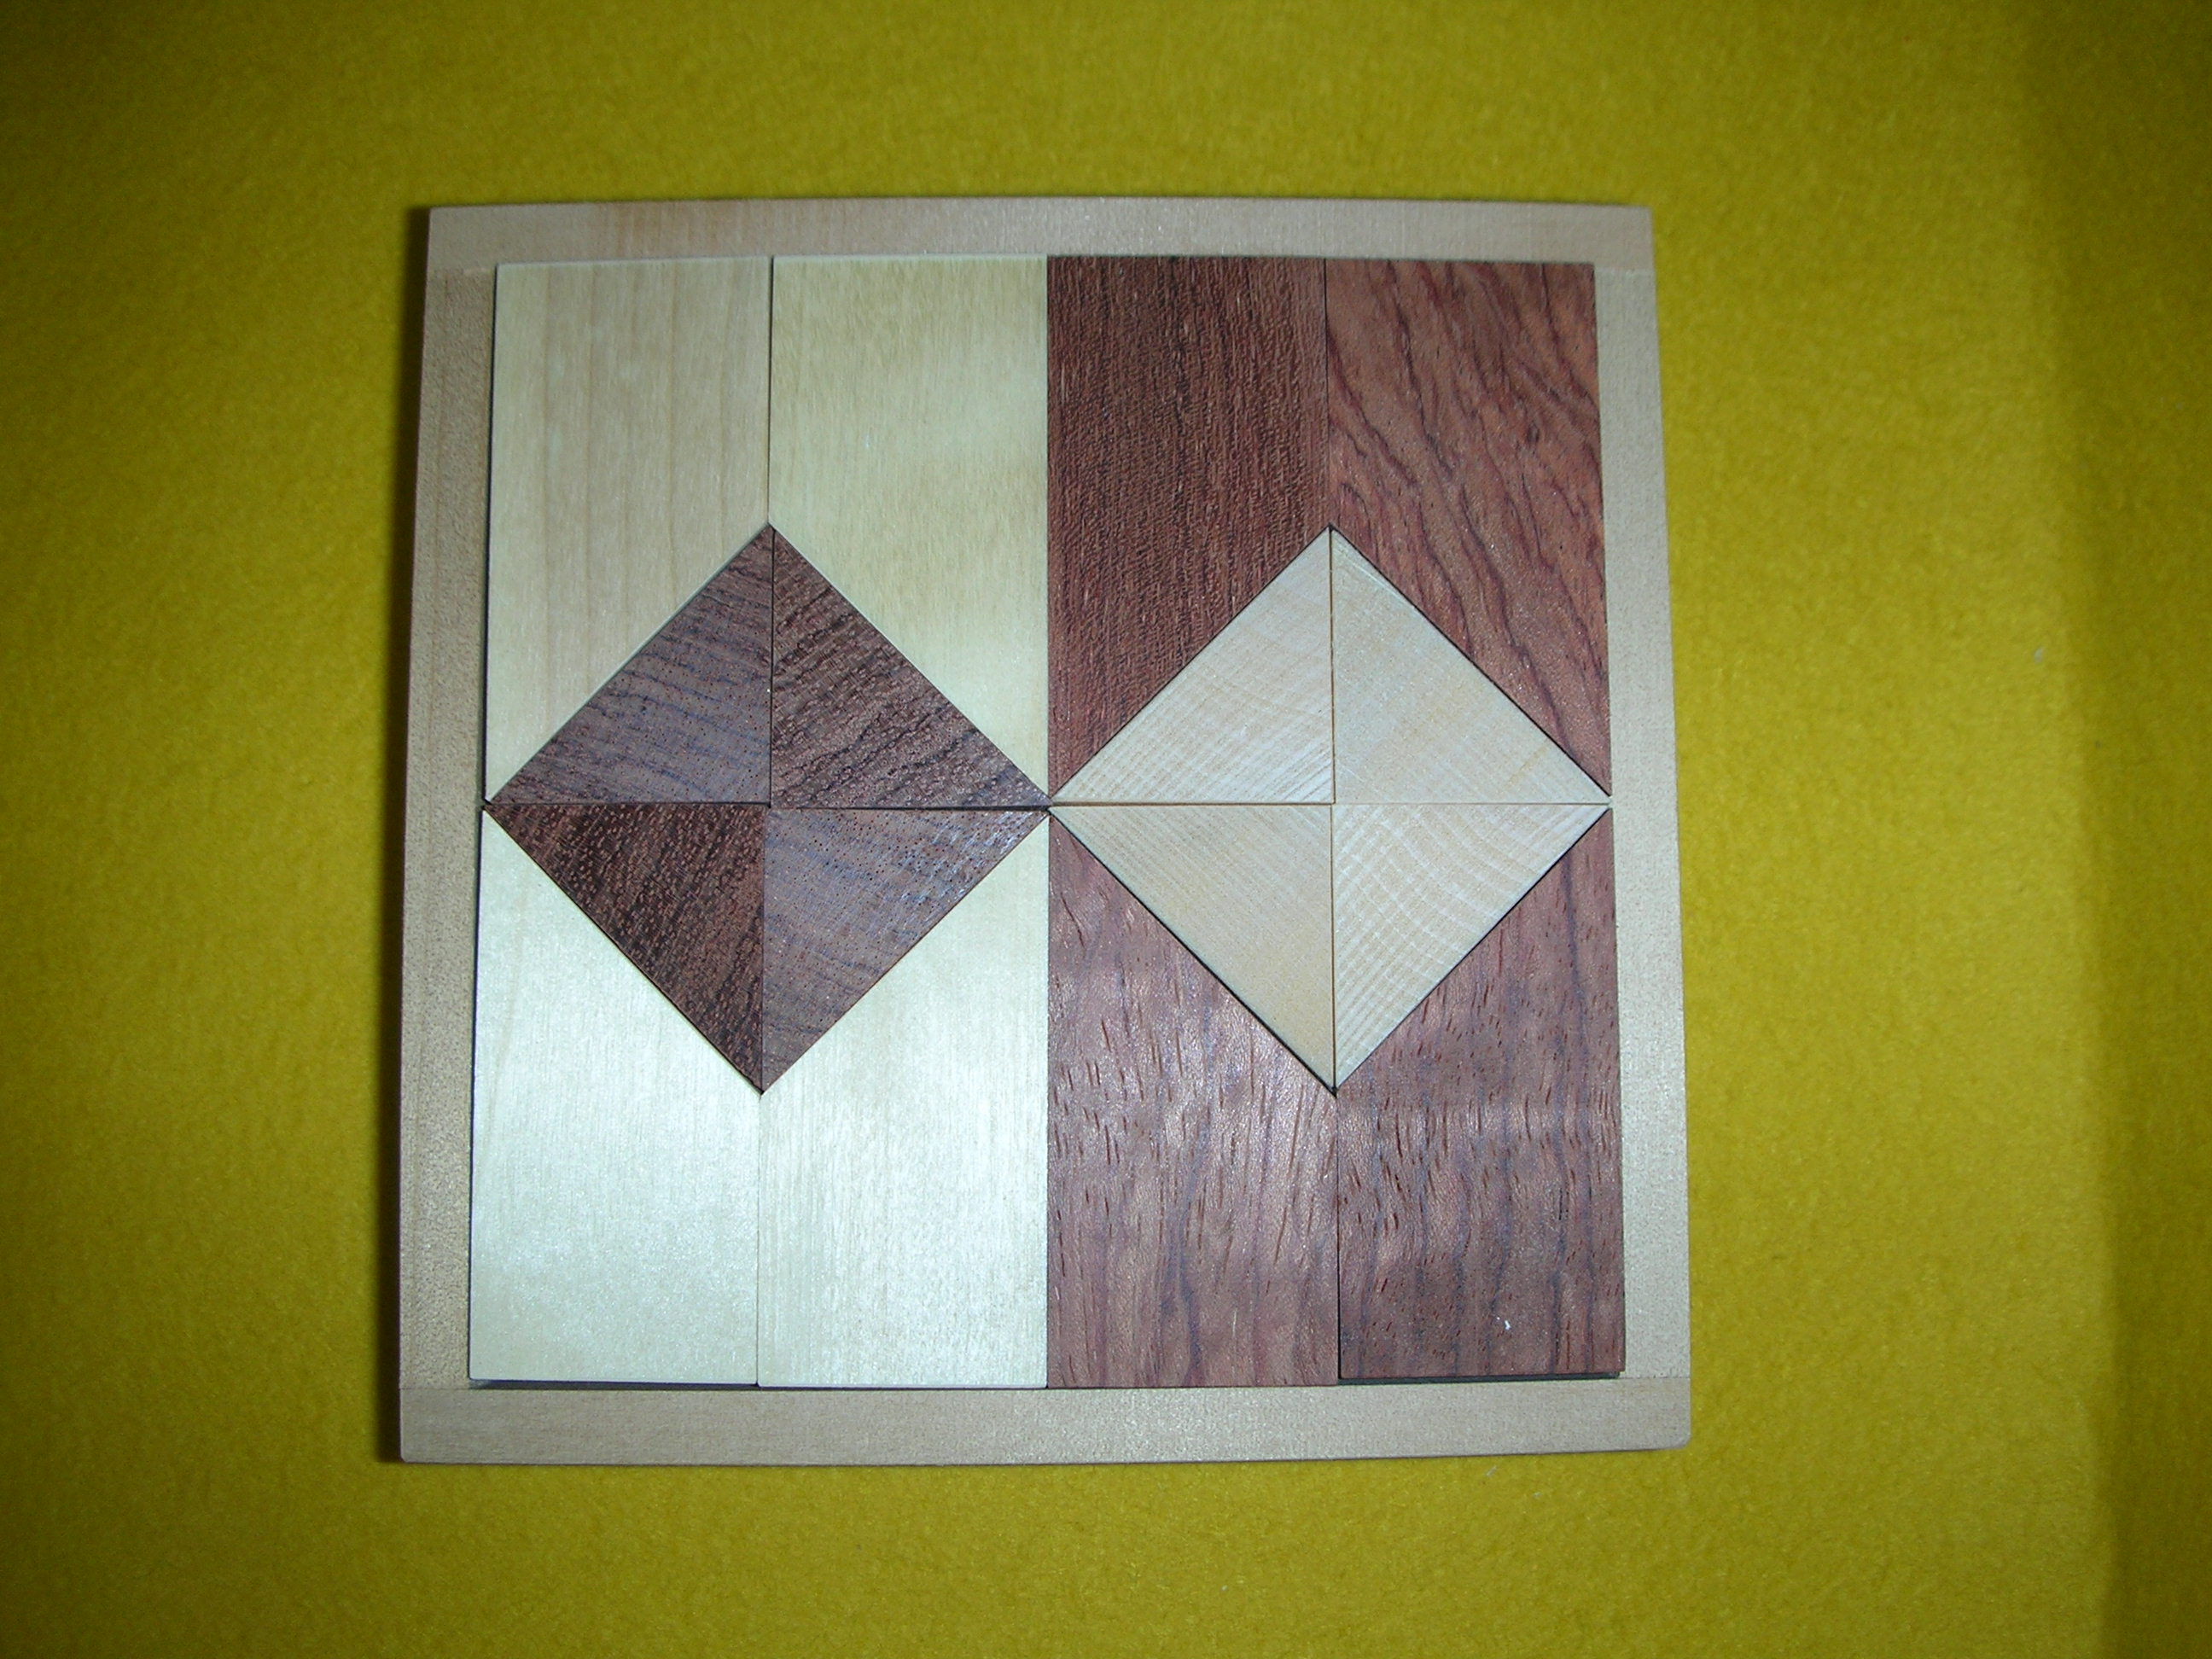 ツートンブロック ~平面と立体のパターン遊びができます。~